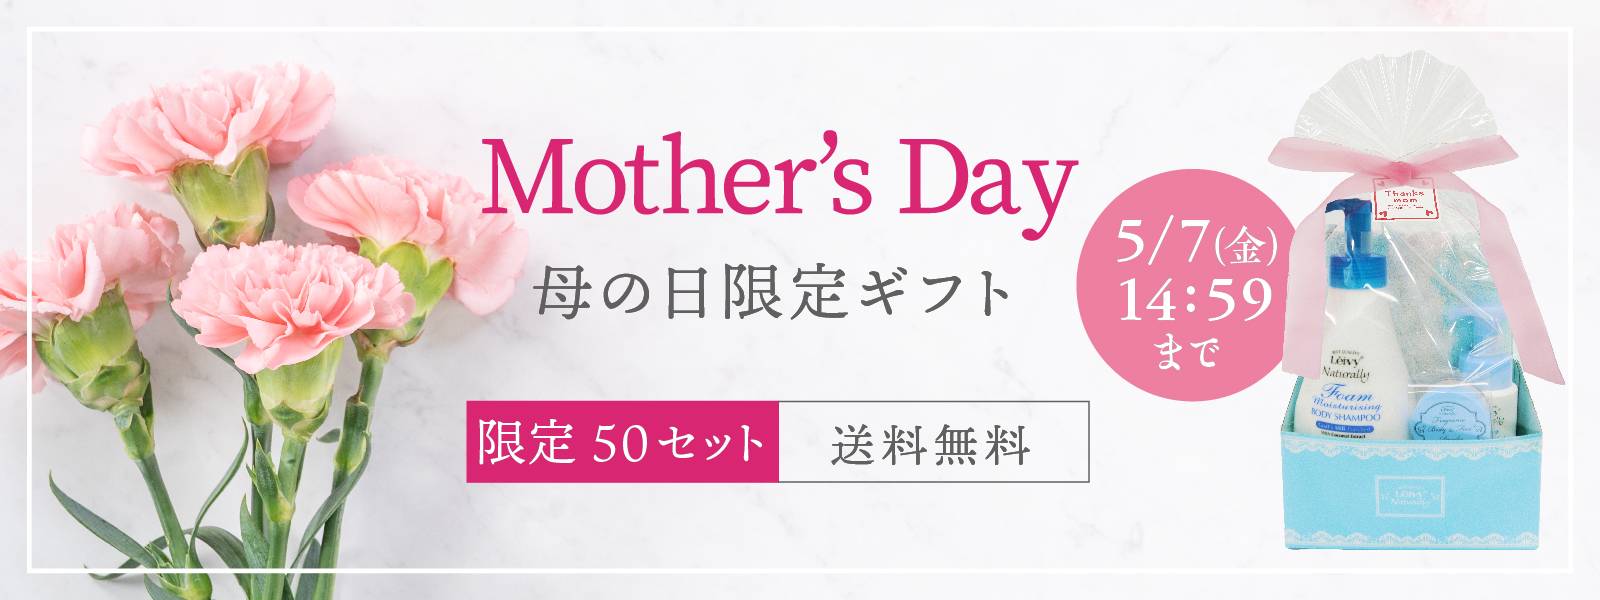 レイヴィー母の日ギフト【送料無料】